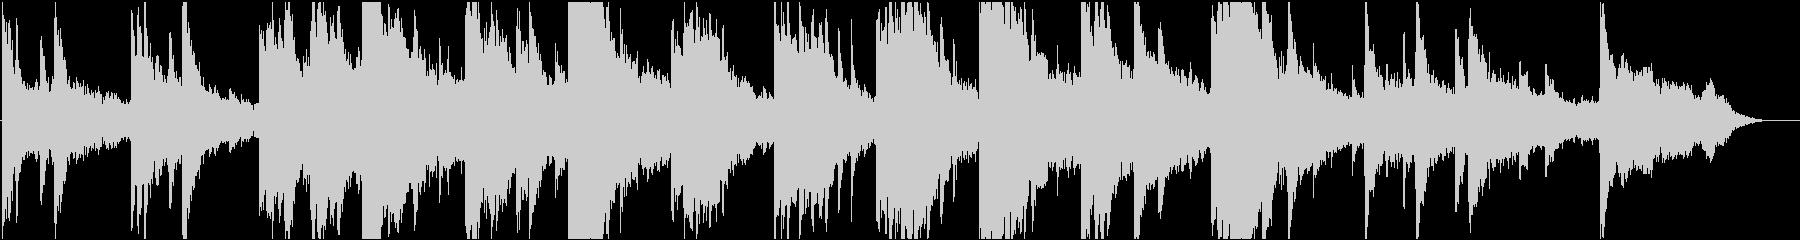 企業VP28 16bit48kHzVerの未再生の波形